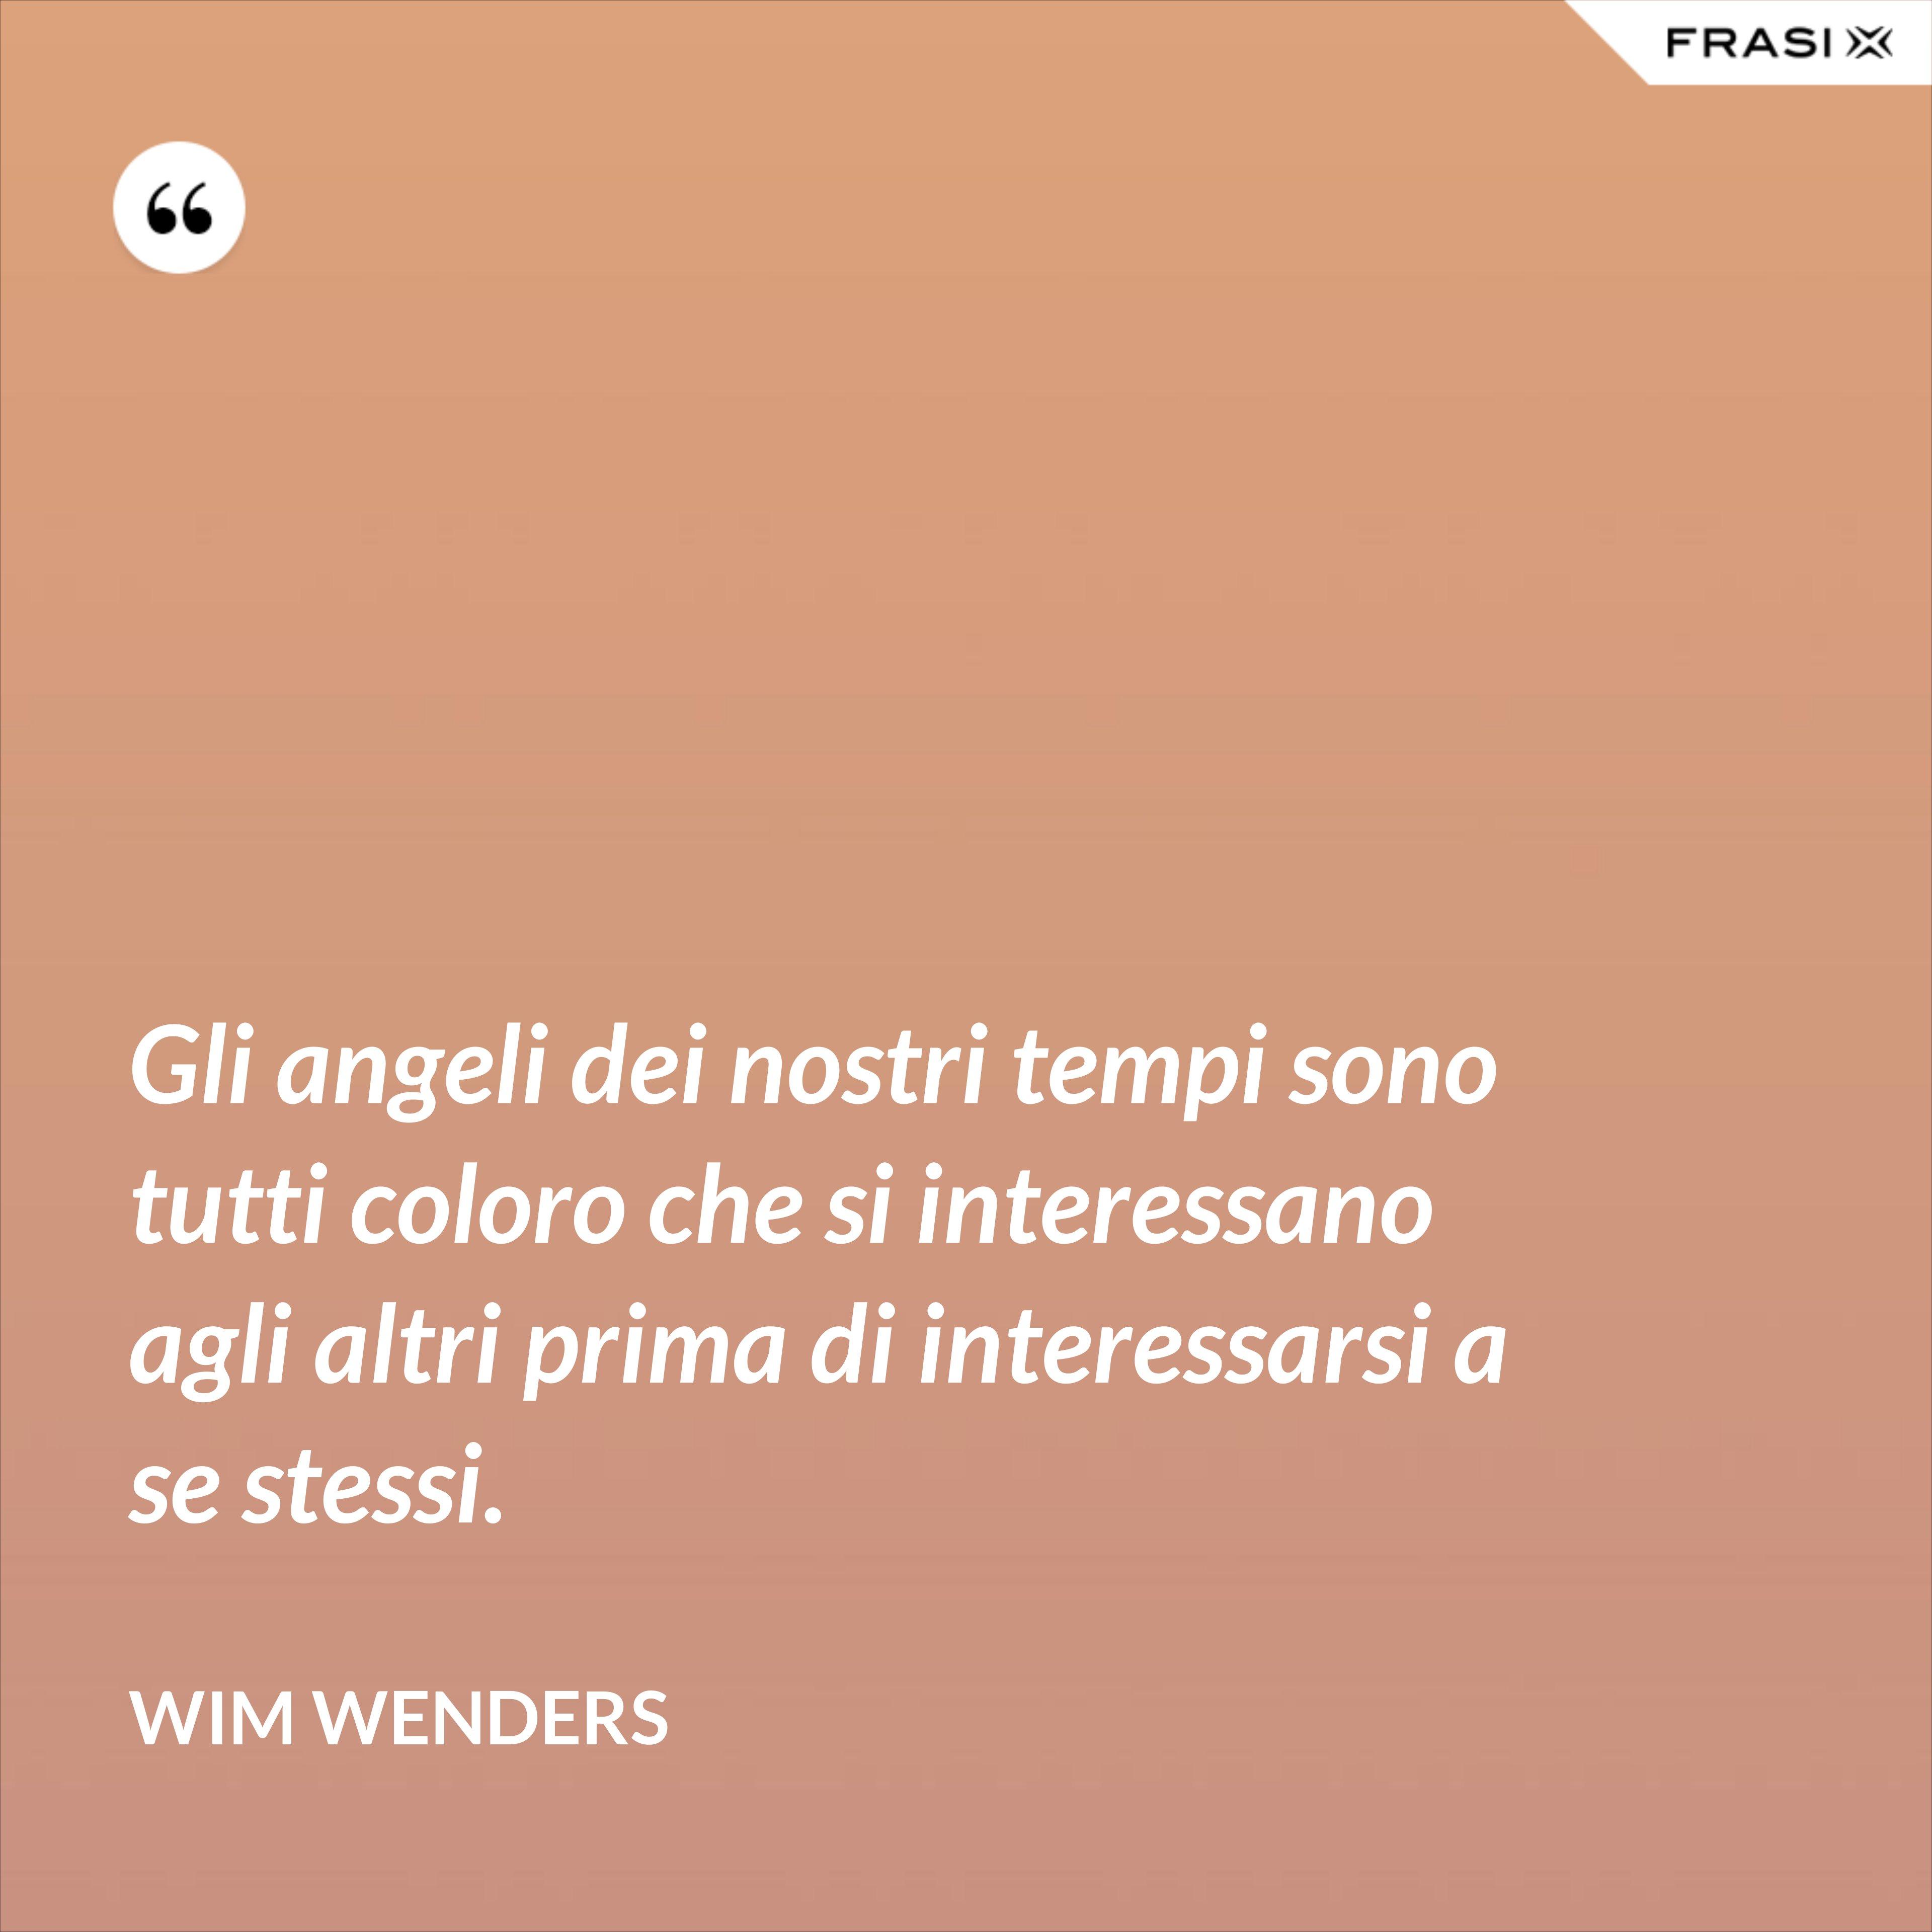 Gli angeli dei nostri tempi sono tutti coloro che si interessano agli altri prima di interessarsi a se stessi. - Wim Wenders